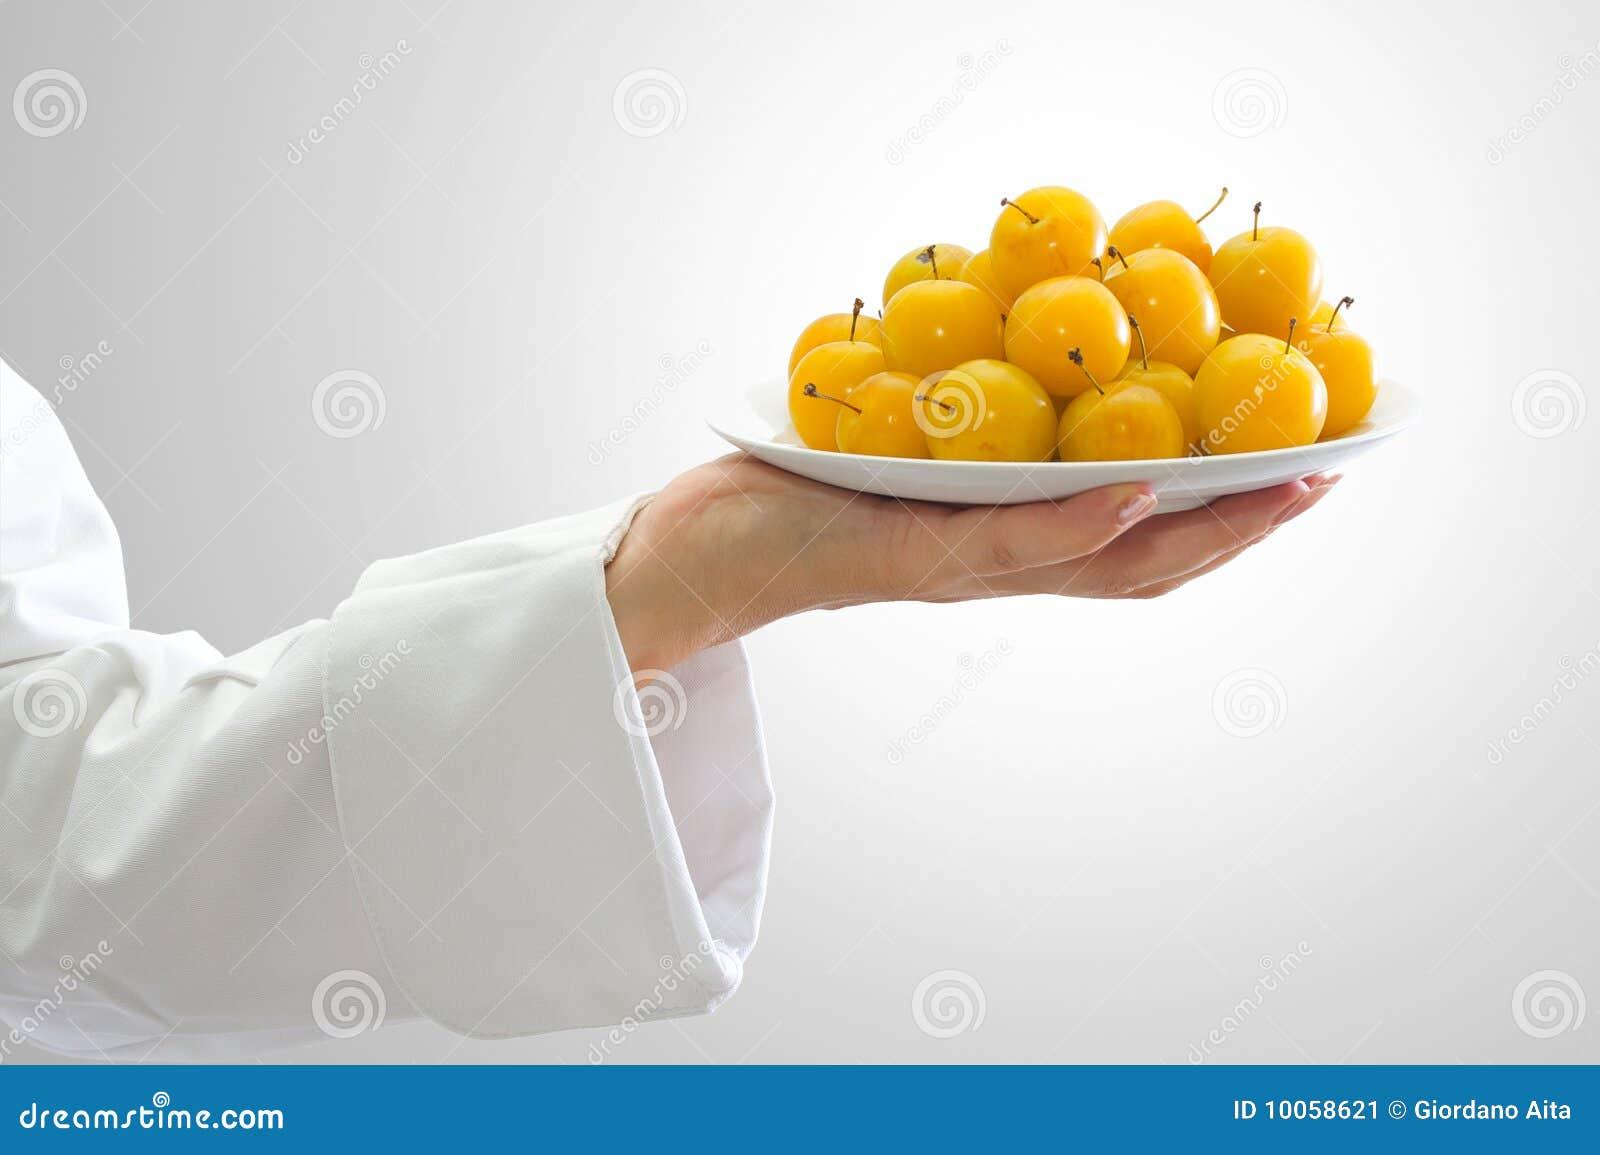 Ameixas amarelas